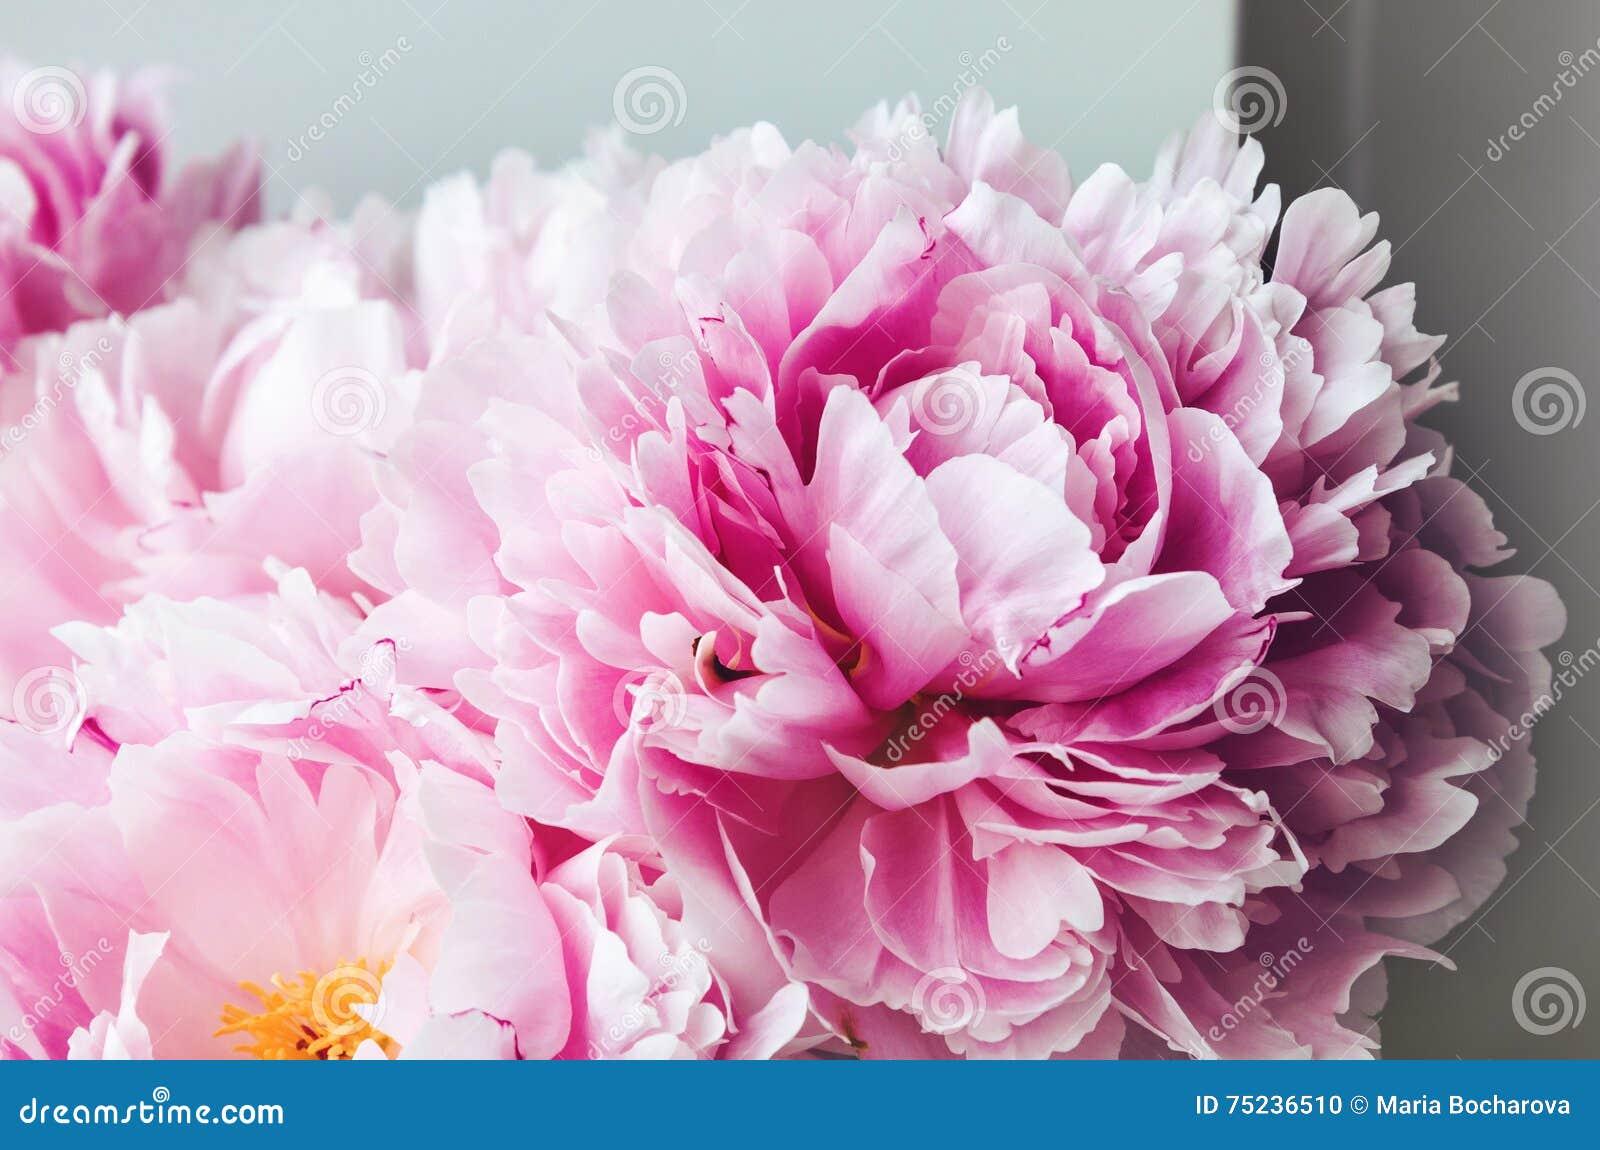 Carta Da Parati Fiori Rosa : Macro rosa del fiore delle rose della peonia delle peonie di